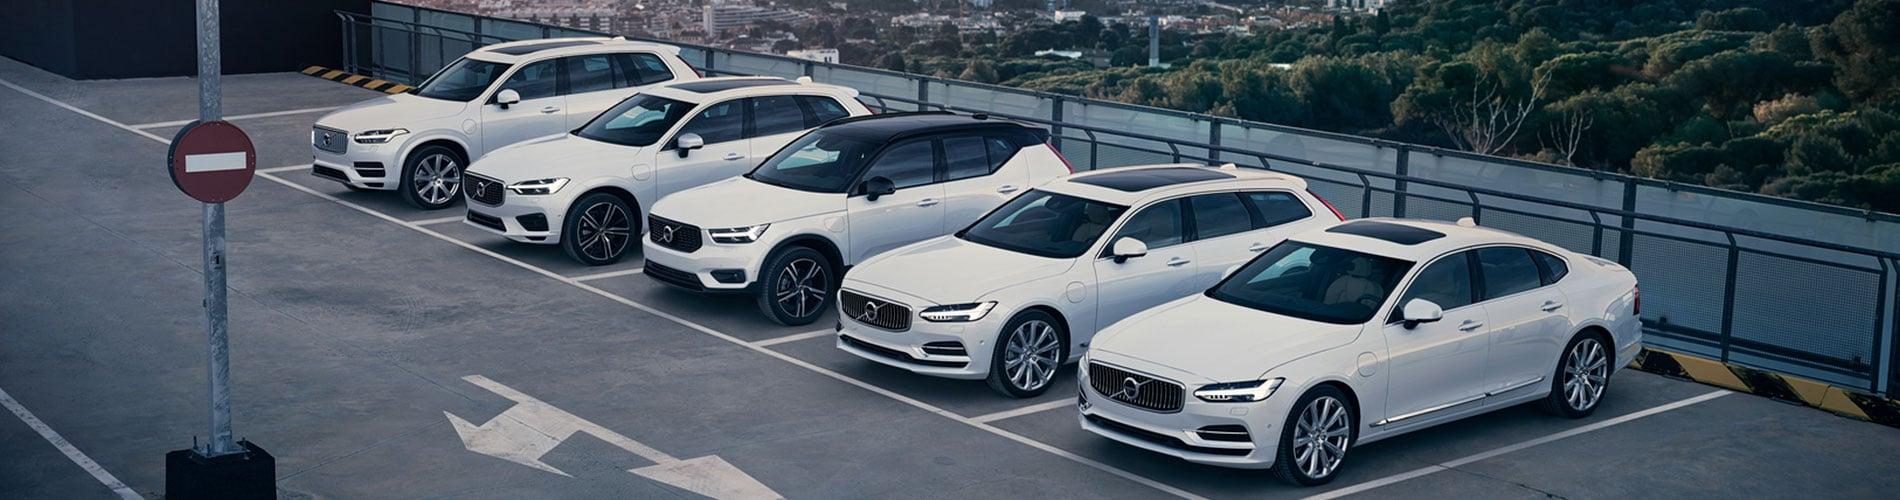 bg-auto-rulate-excellence.jpg